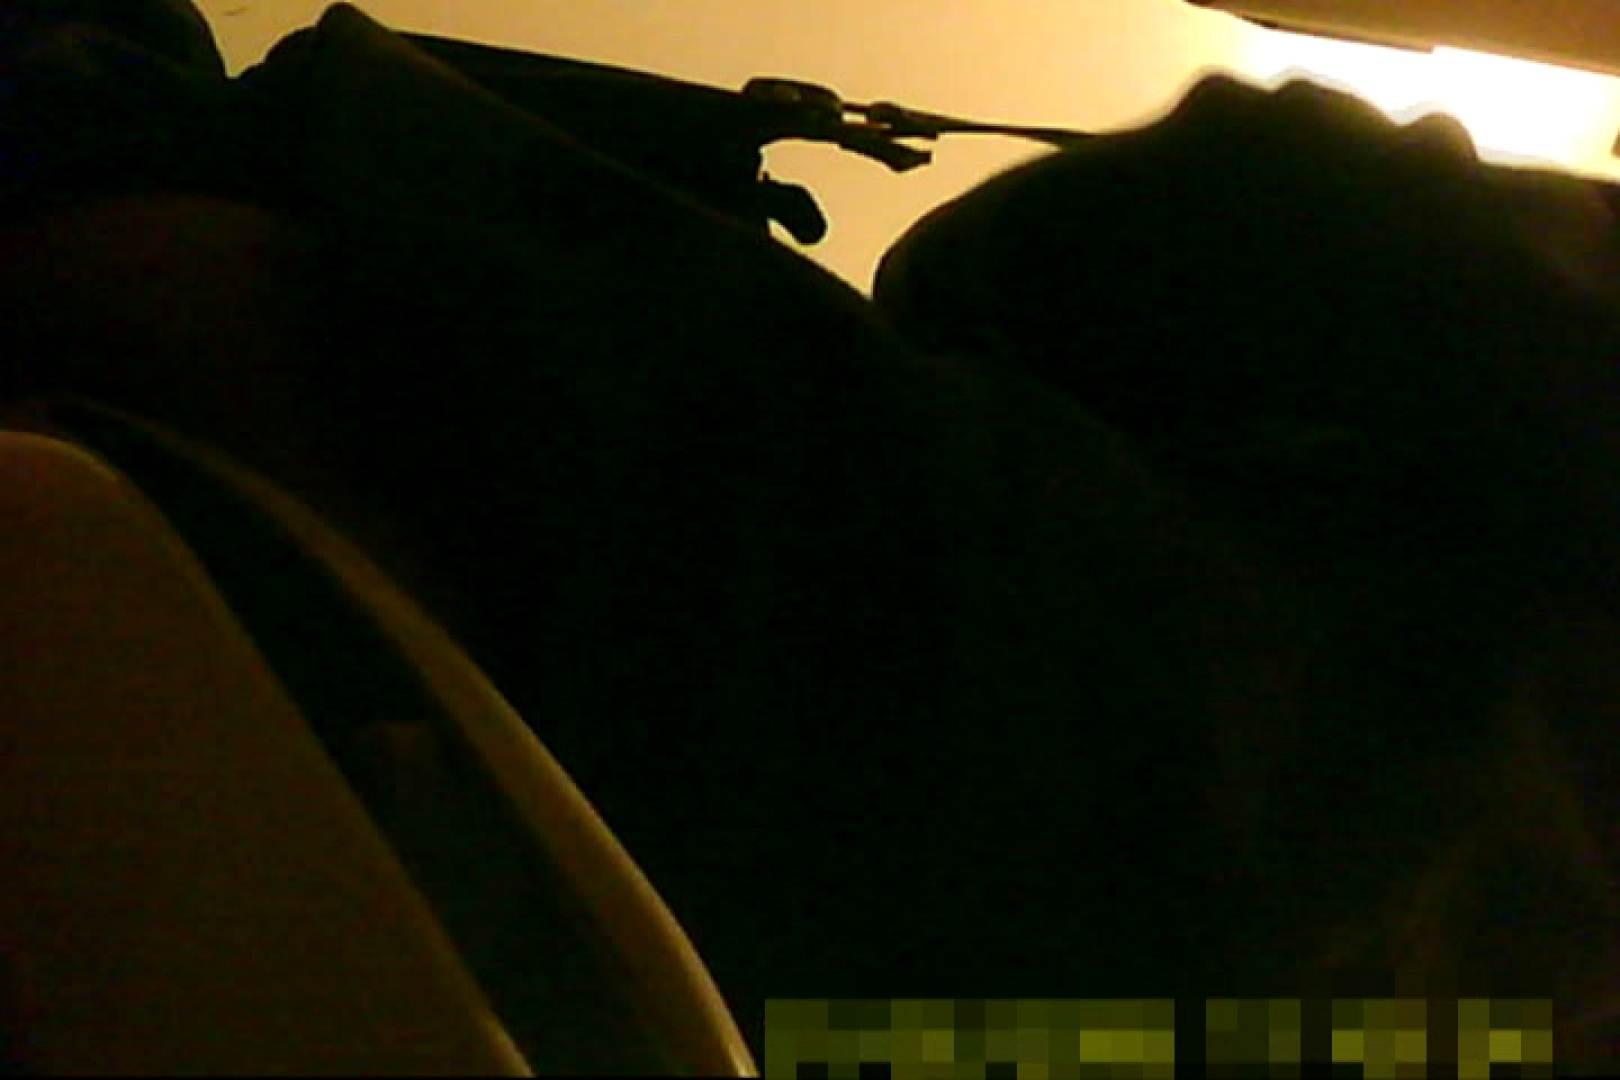 魅惑の化粧室~禁断のプライベート空間~12 プライベート映像 AV動画キャプチャ 97pic 91